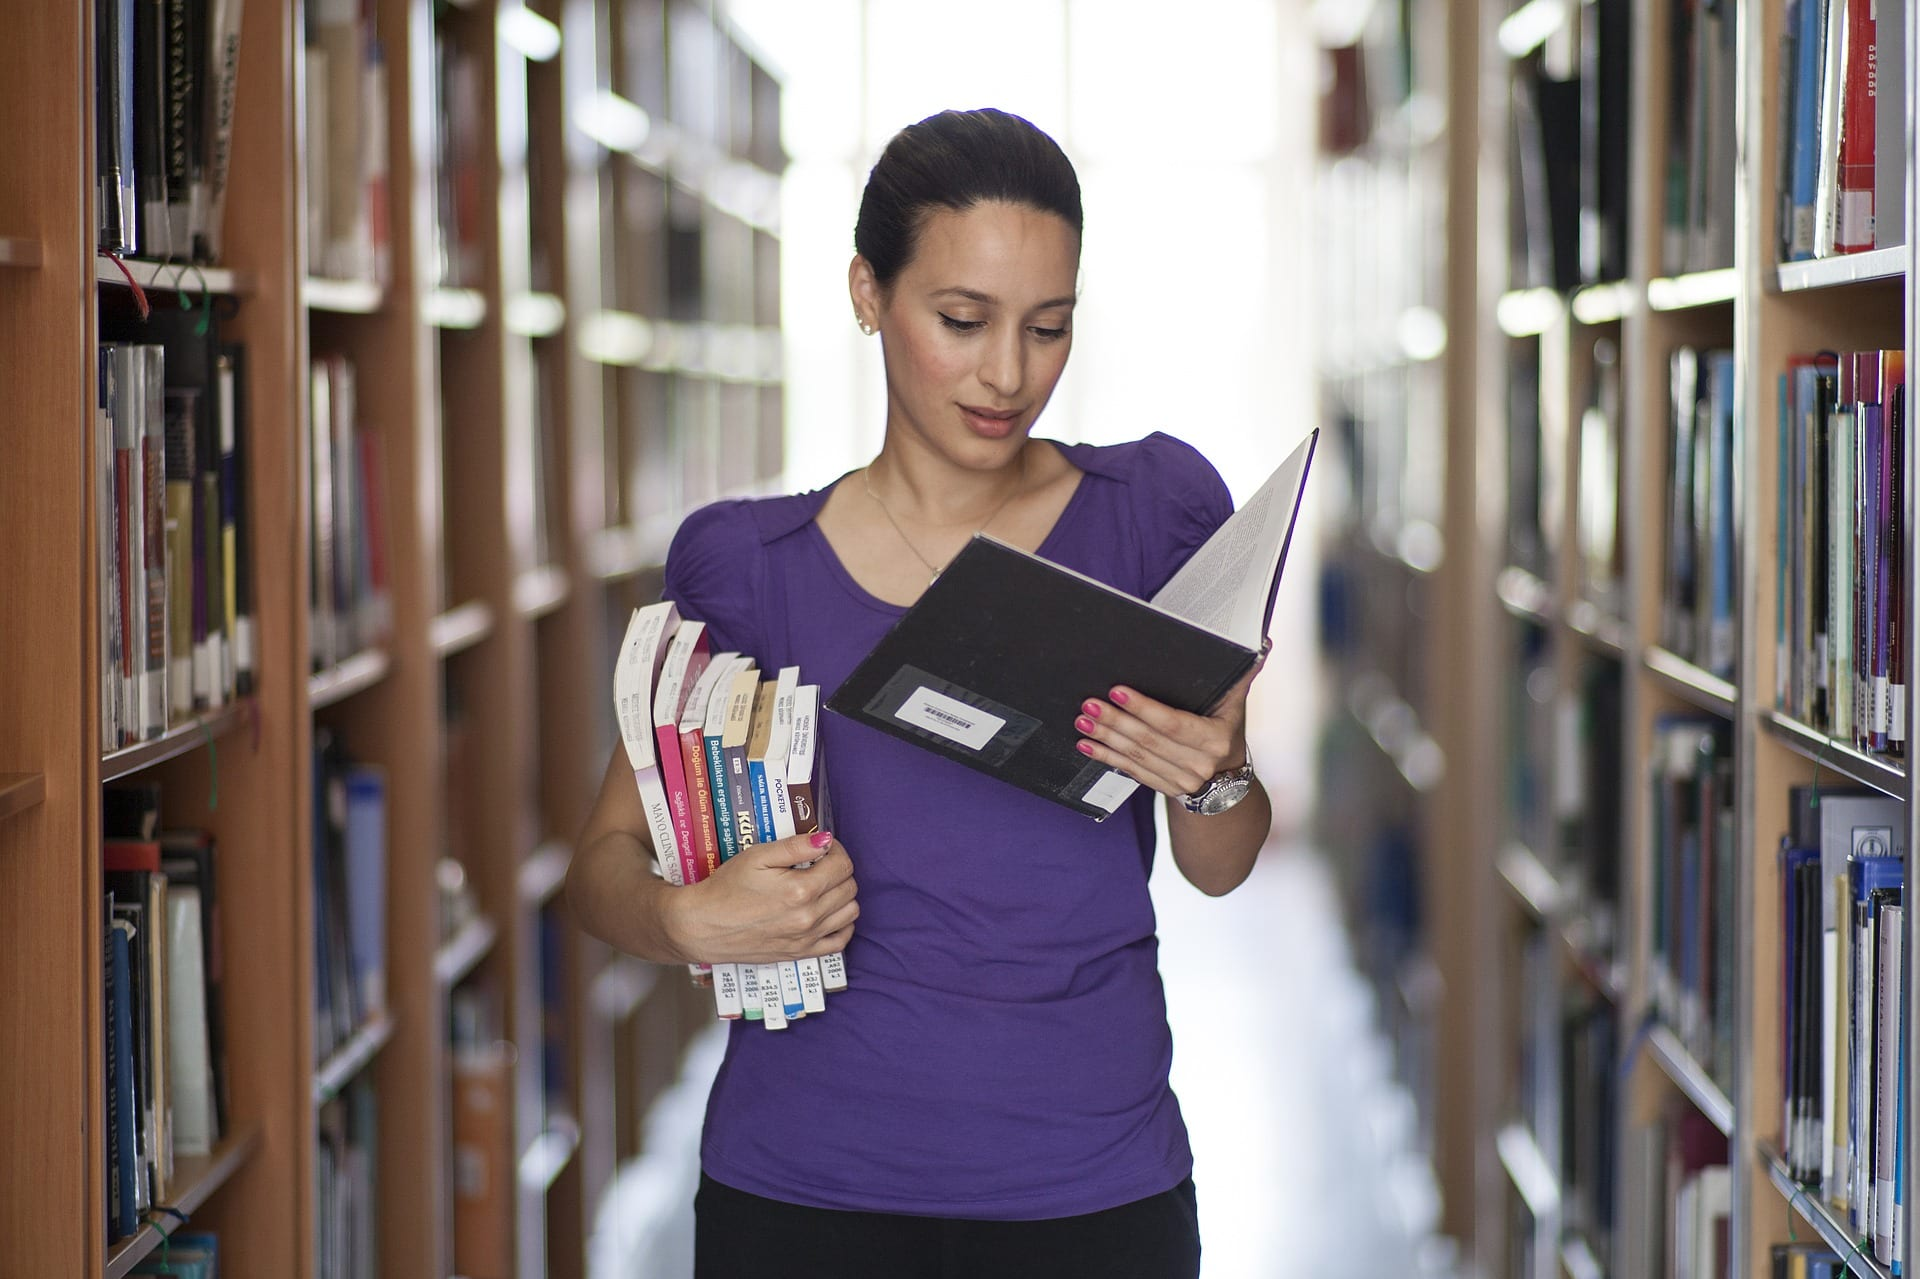 Домашнее чтение: помогаем студенту выбрать книгу